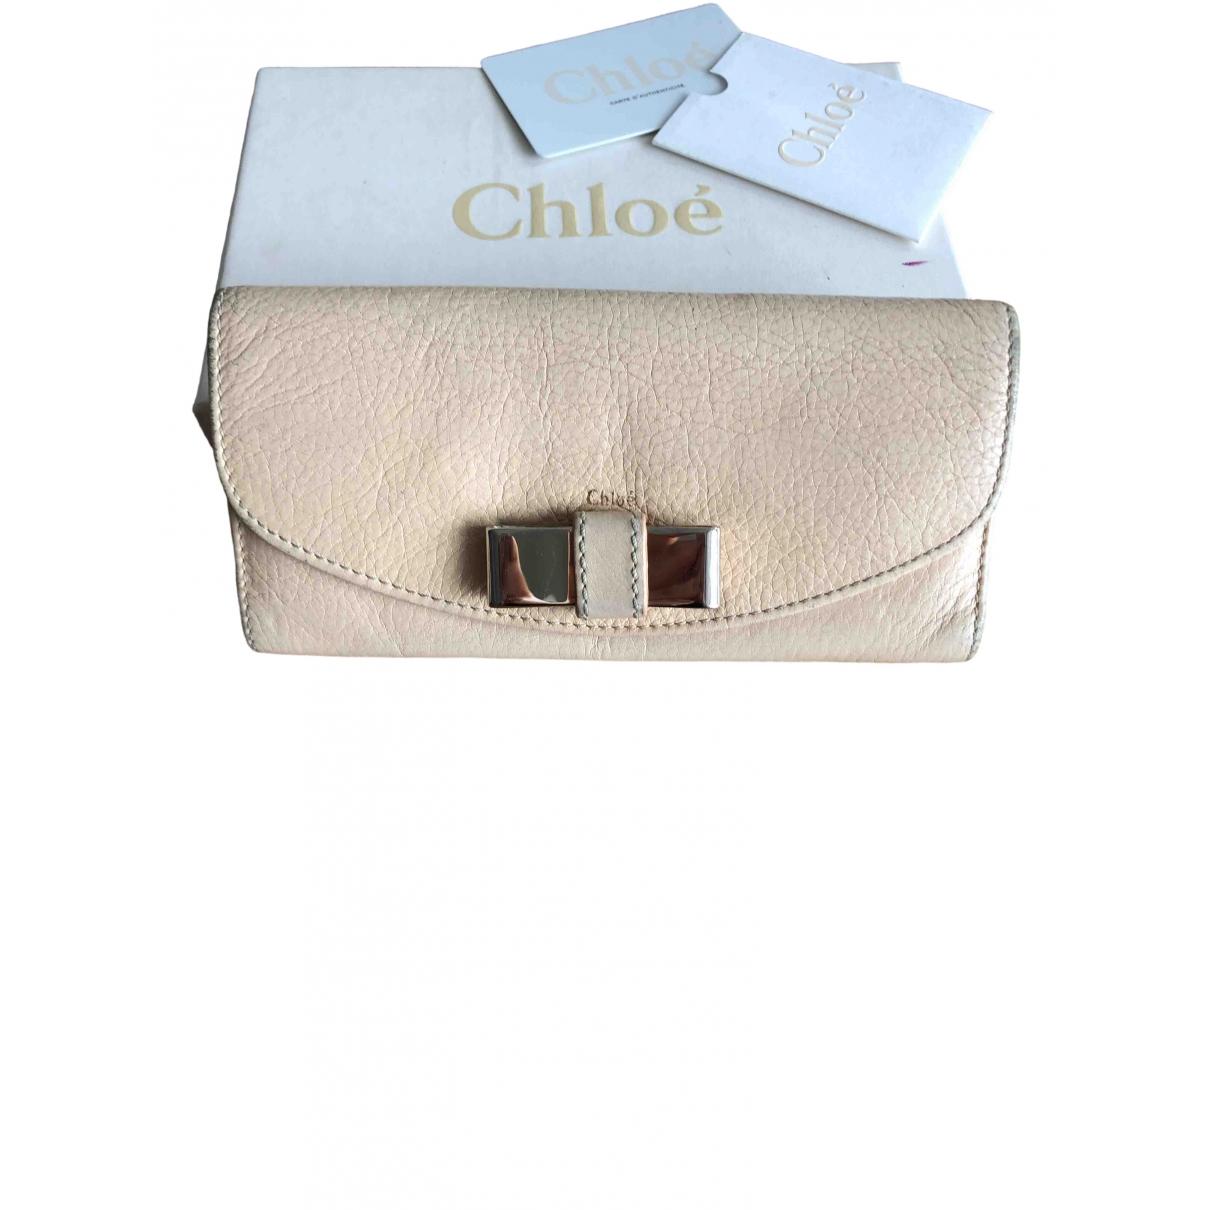 Chloe - Portefeuille   pour femme en cuir - rose